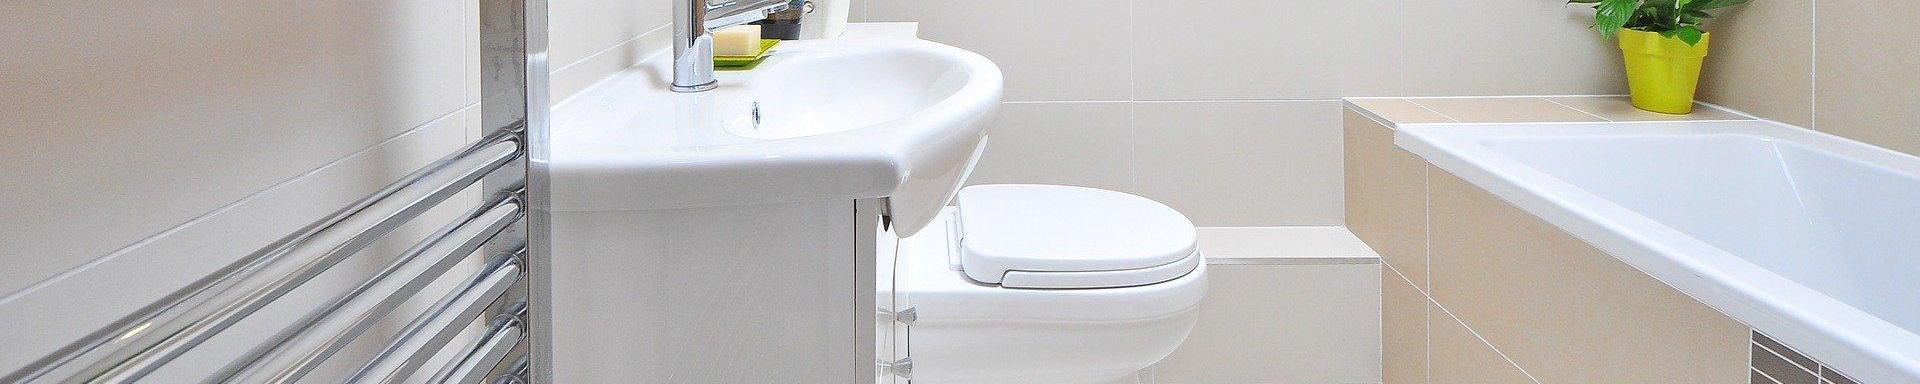 Cómo limpiar y desinfectar un baño: Consejos y trucos